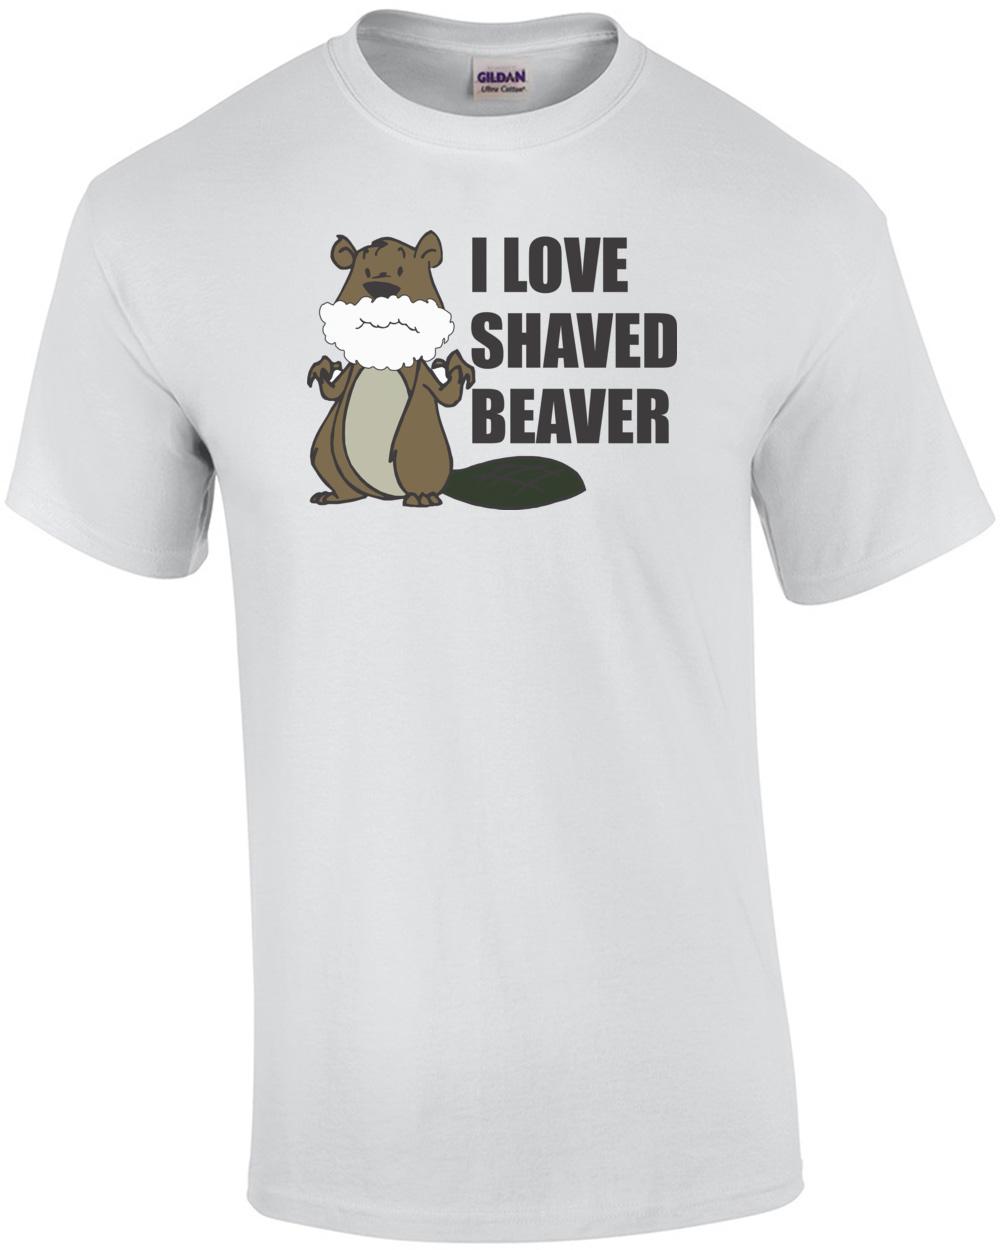 I Loved Shaved Beaver T-shirt